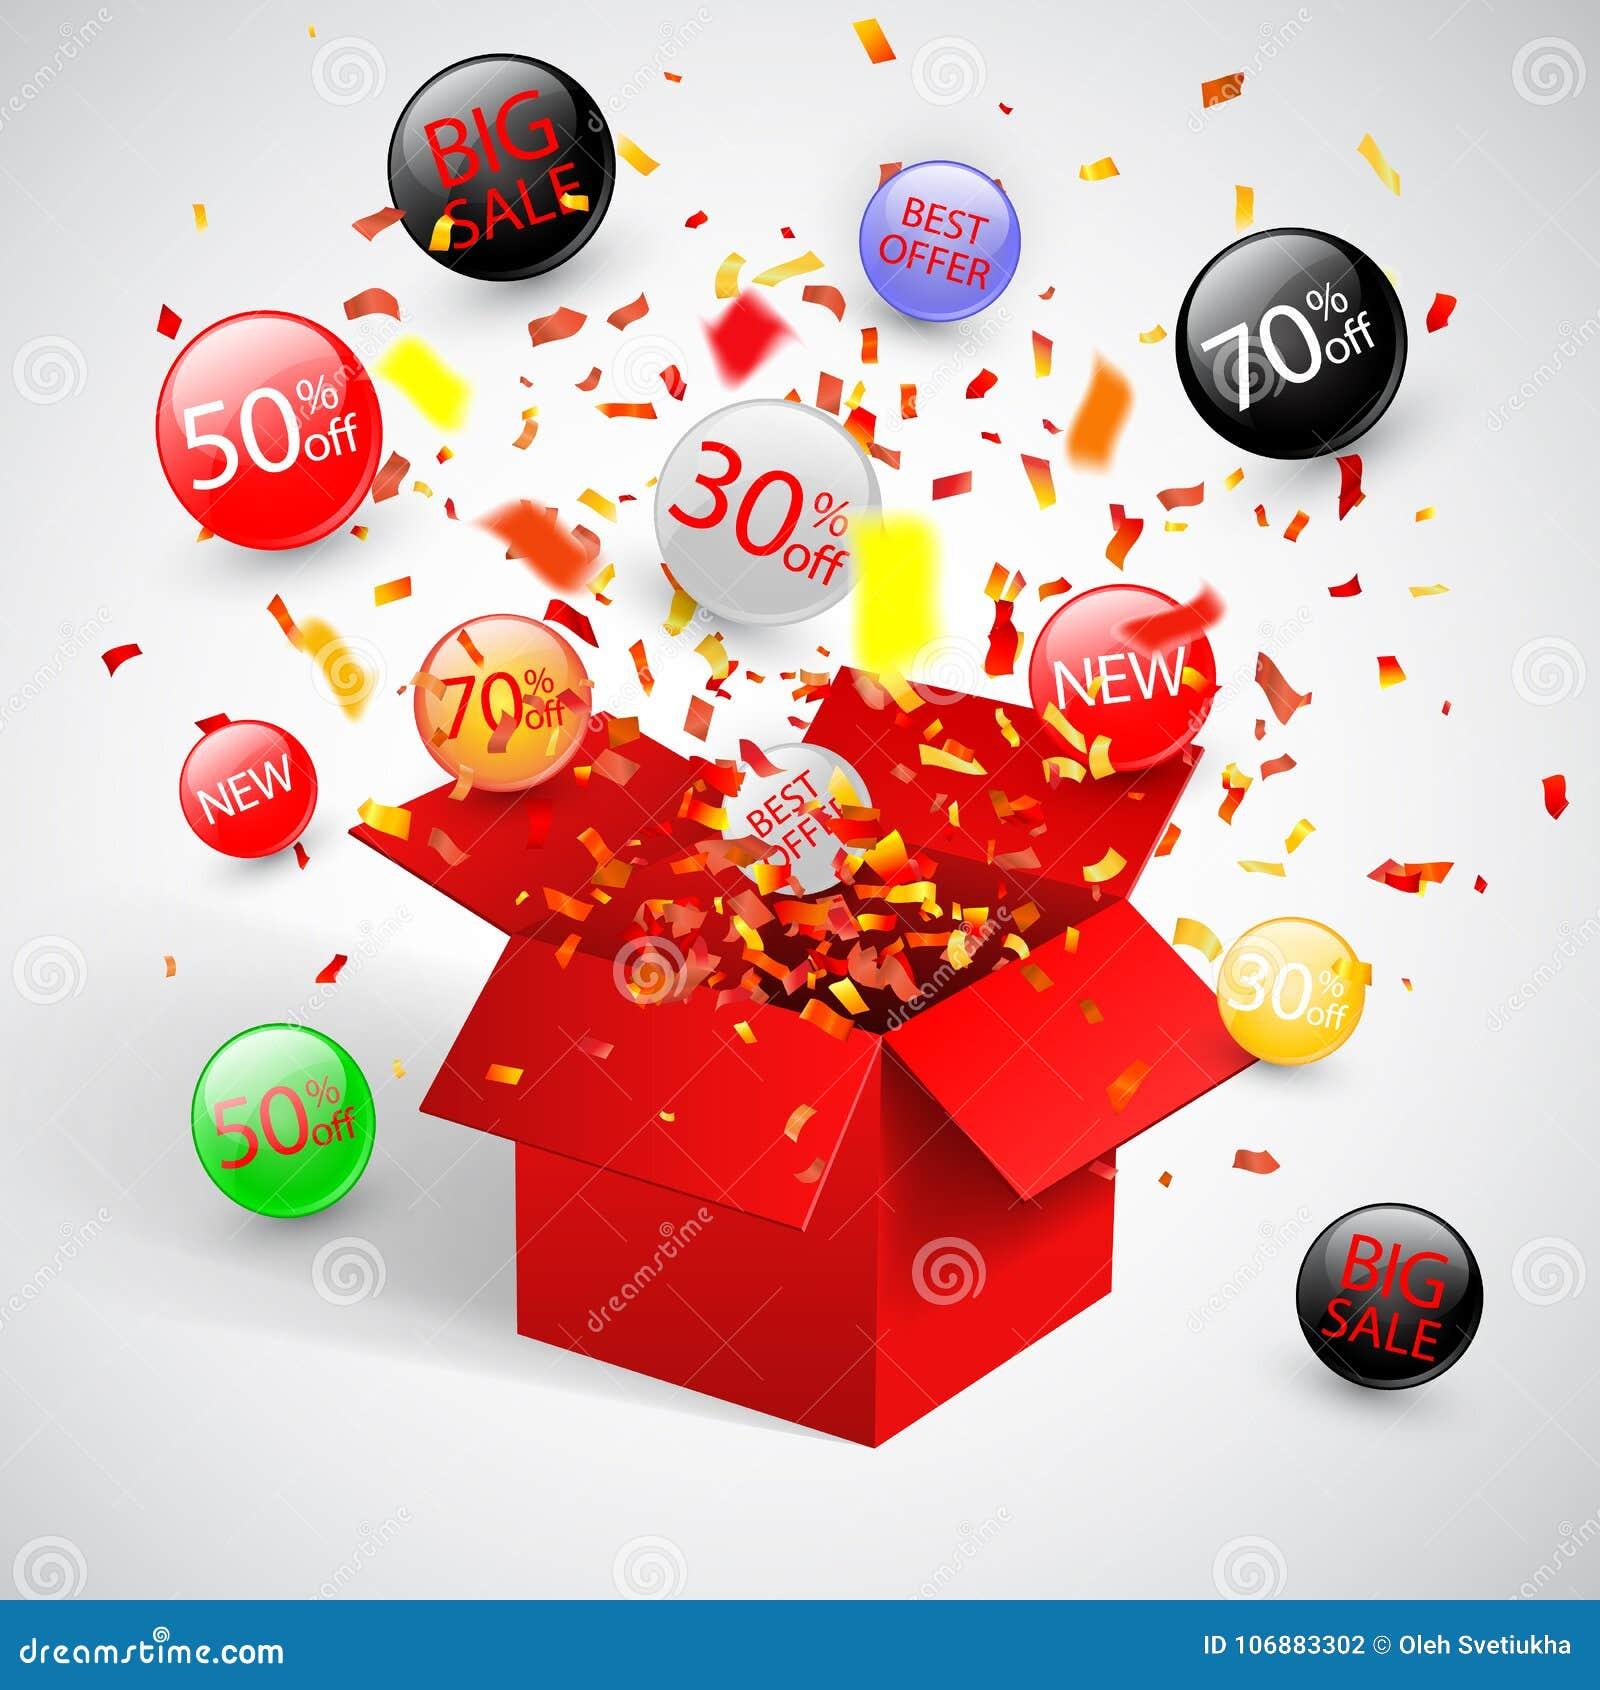 Sonderangebotverkaufsrabattsymbol mit offenen roten Geschenk- und Flussaufklebern Bedienungsfreundlich für Ihr Design